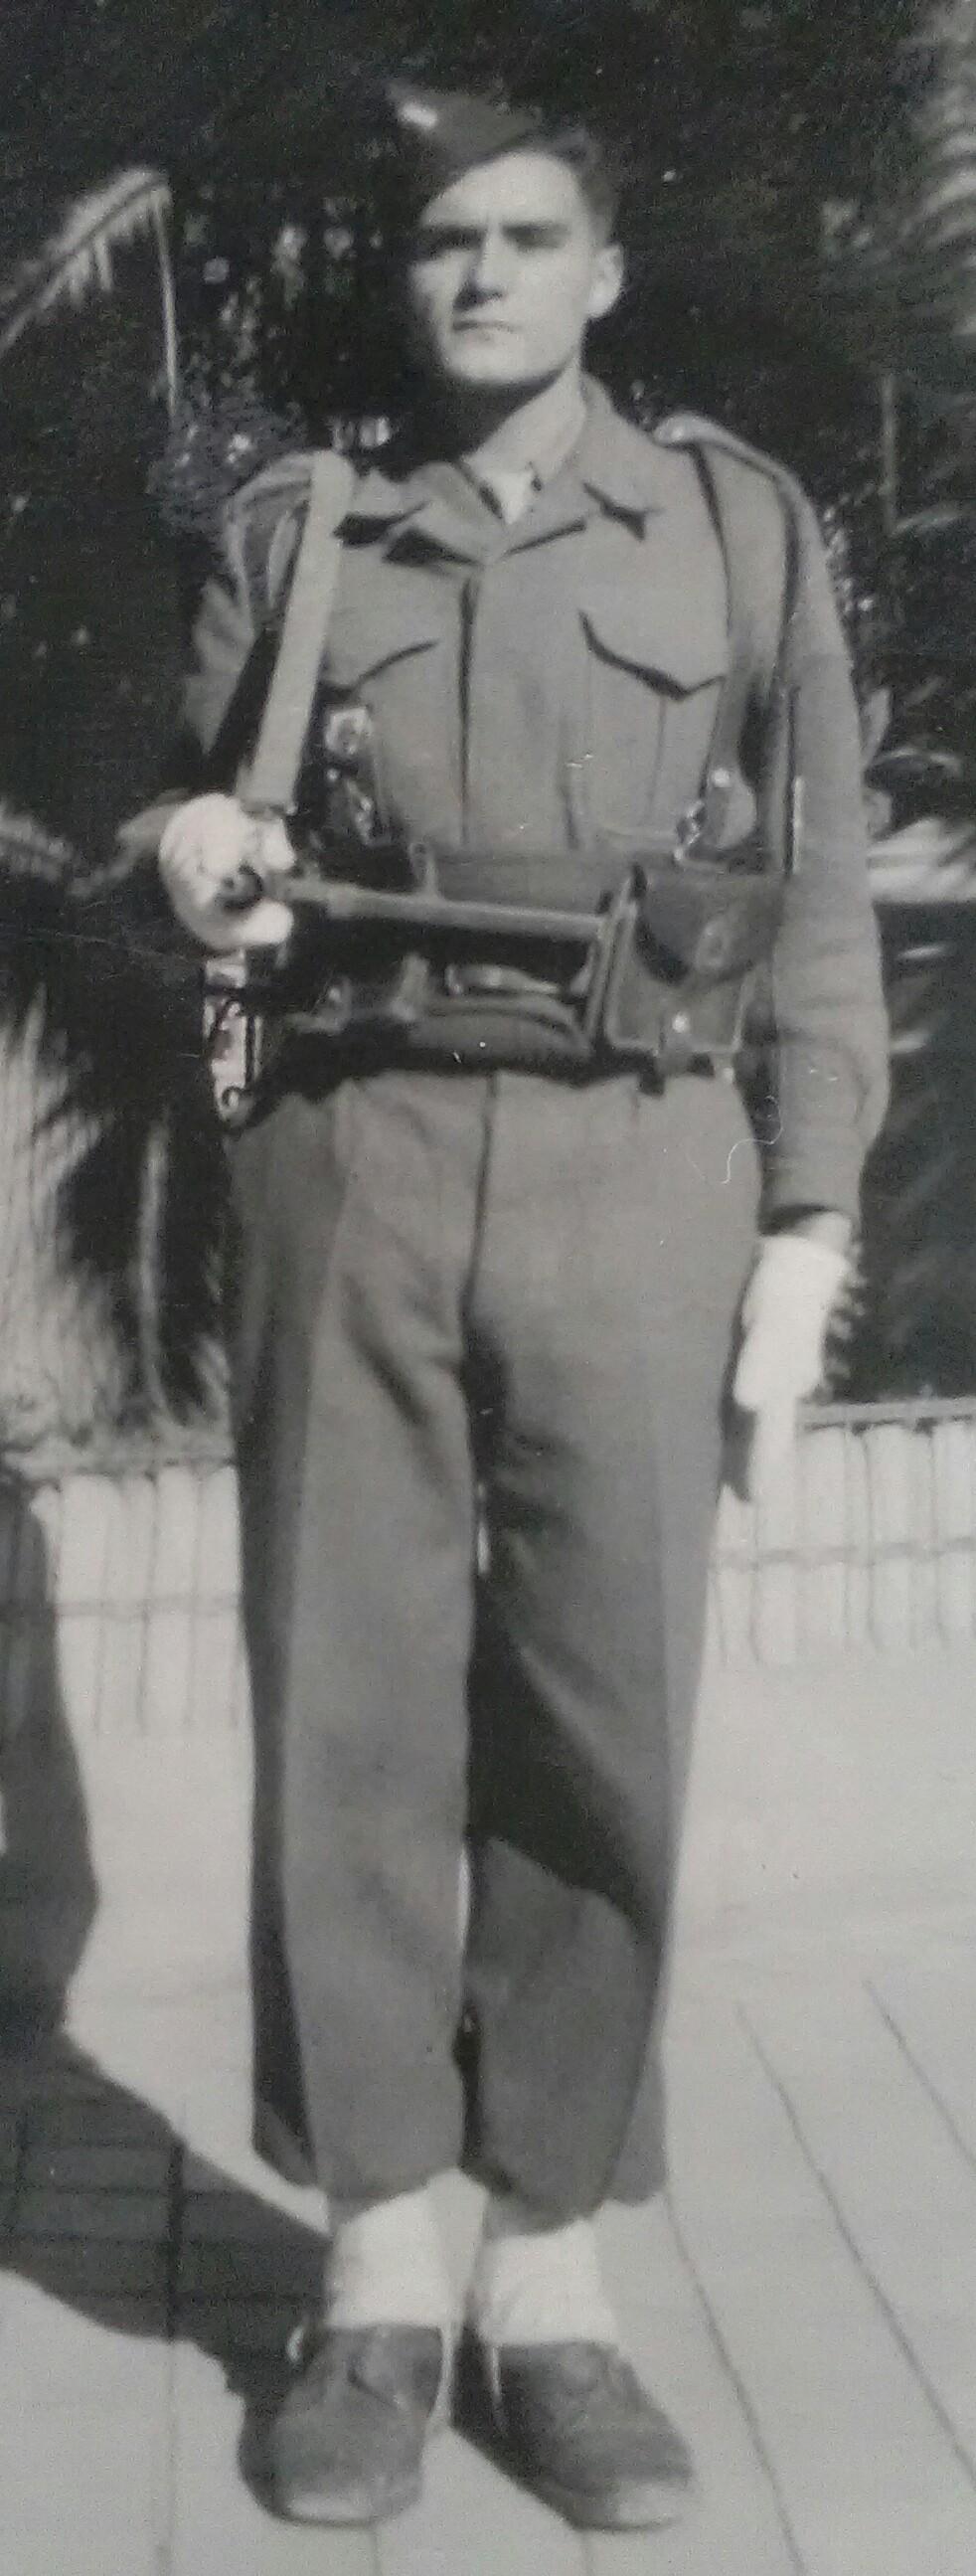 Tunis - 1949 : la garde de la Résidence Img_2688